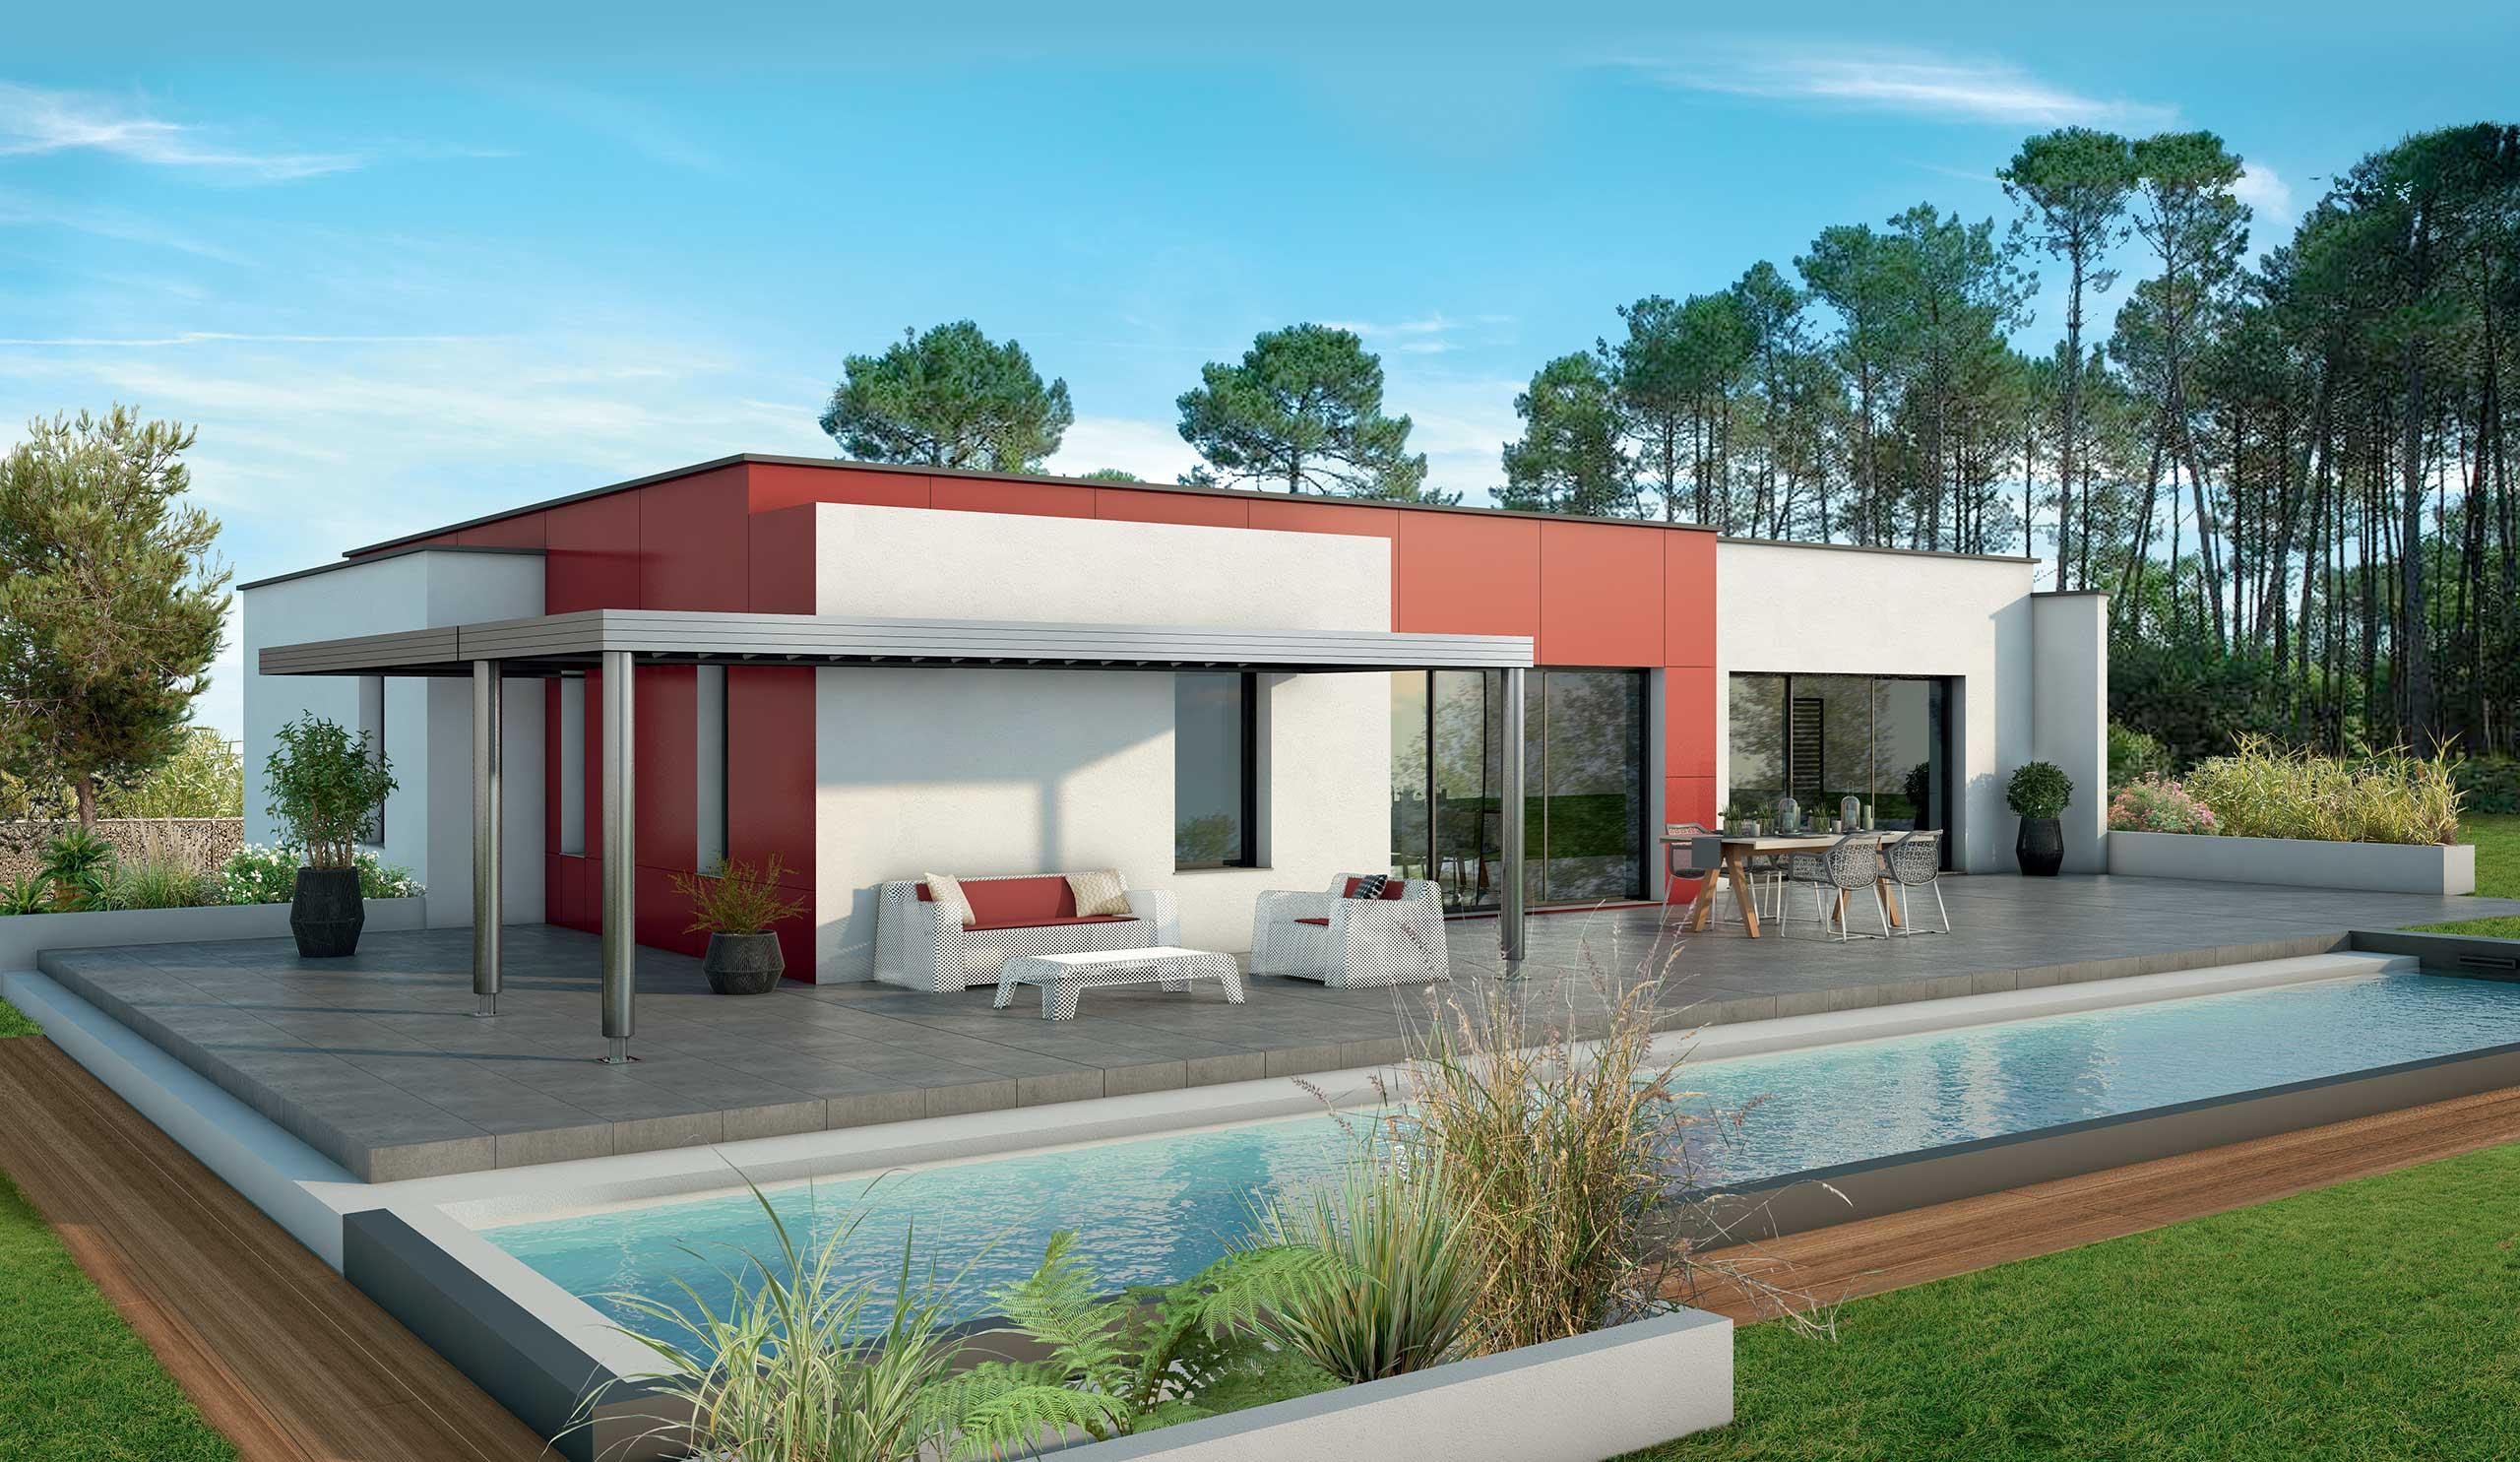 Maison Contemporaine Plain Pied Acajou Avec Plans Demeures D Occitanie Constructeur Maison Individuelle Occitanie Region Sud